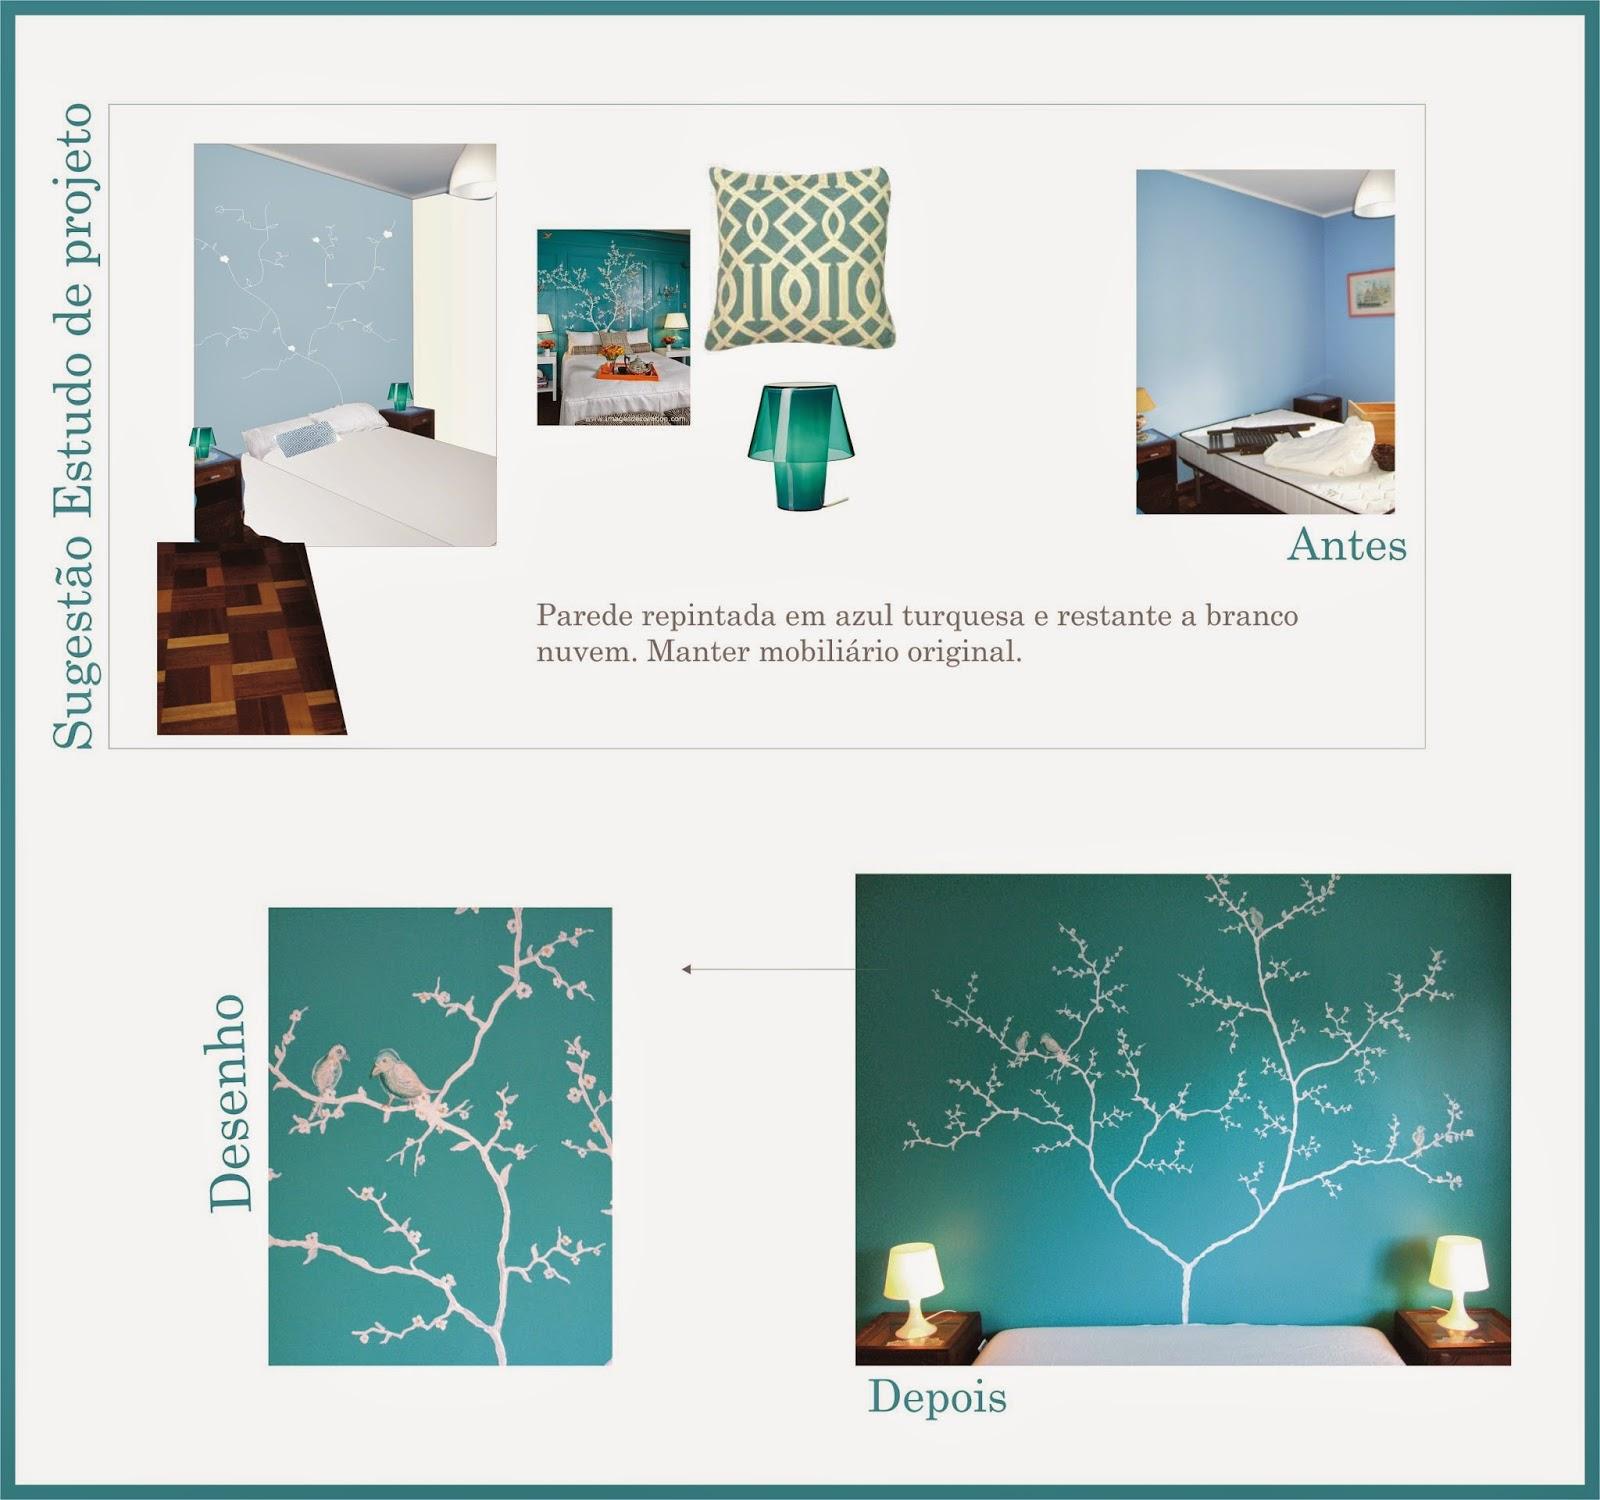 decoracao de interiores matosinhos: de Design de Interiores 2014 para  #6E3B24 1600 1500